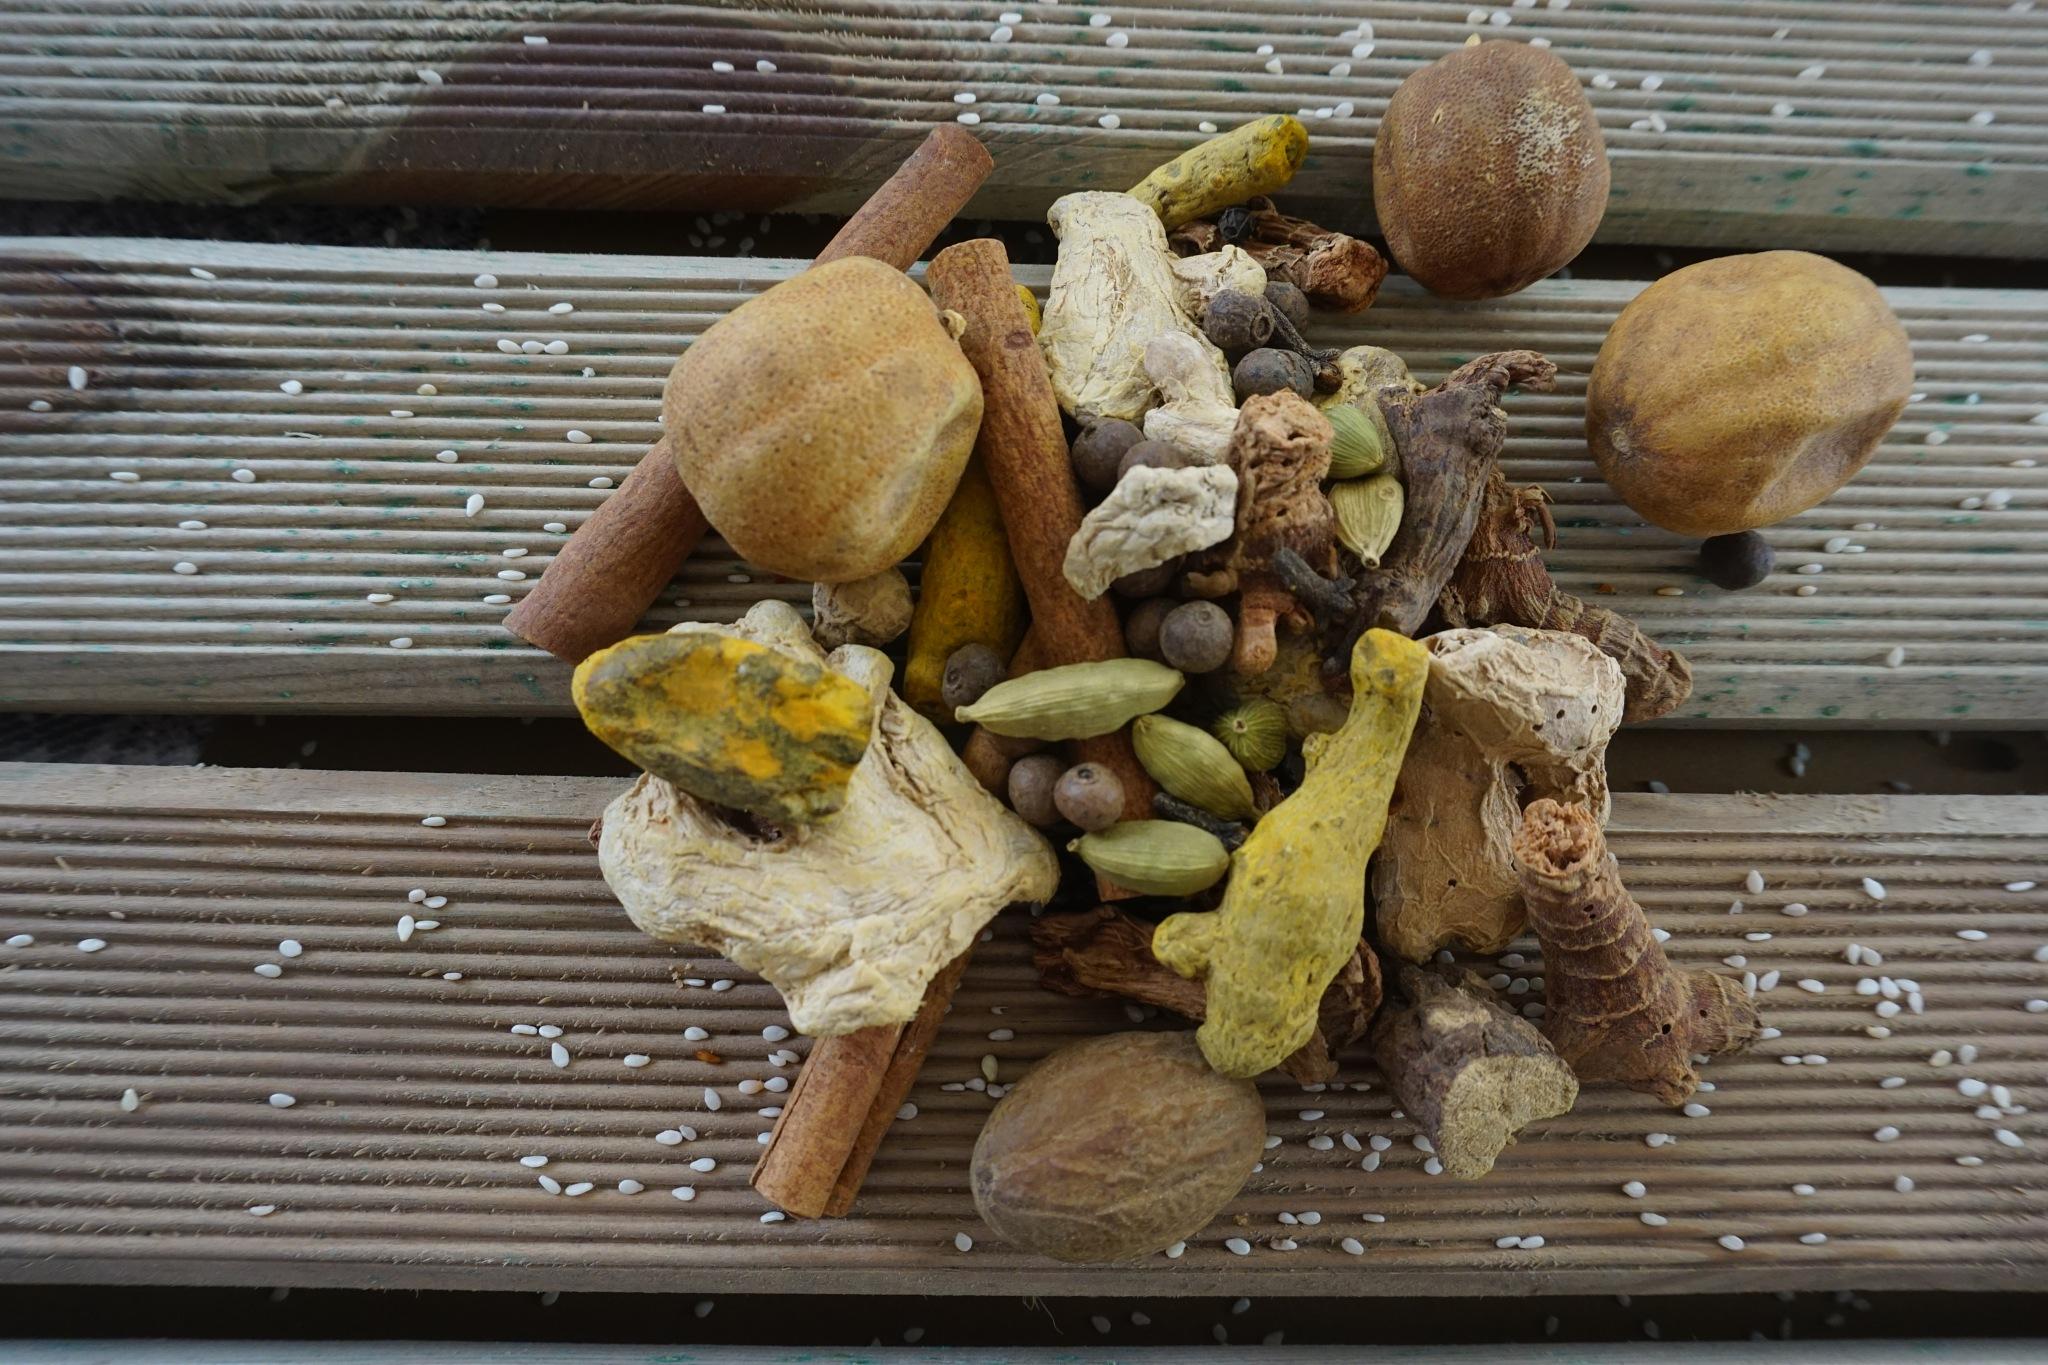 Spices by meryem.g.ozkaya